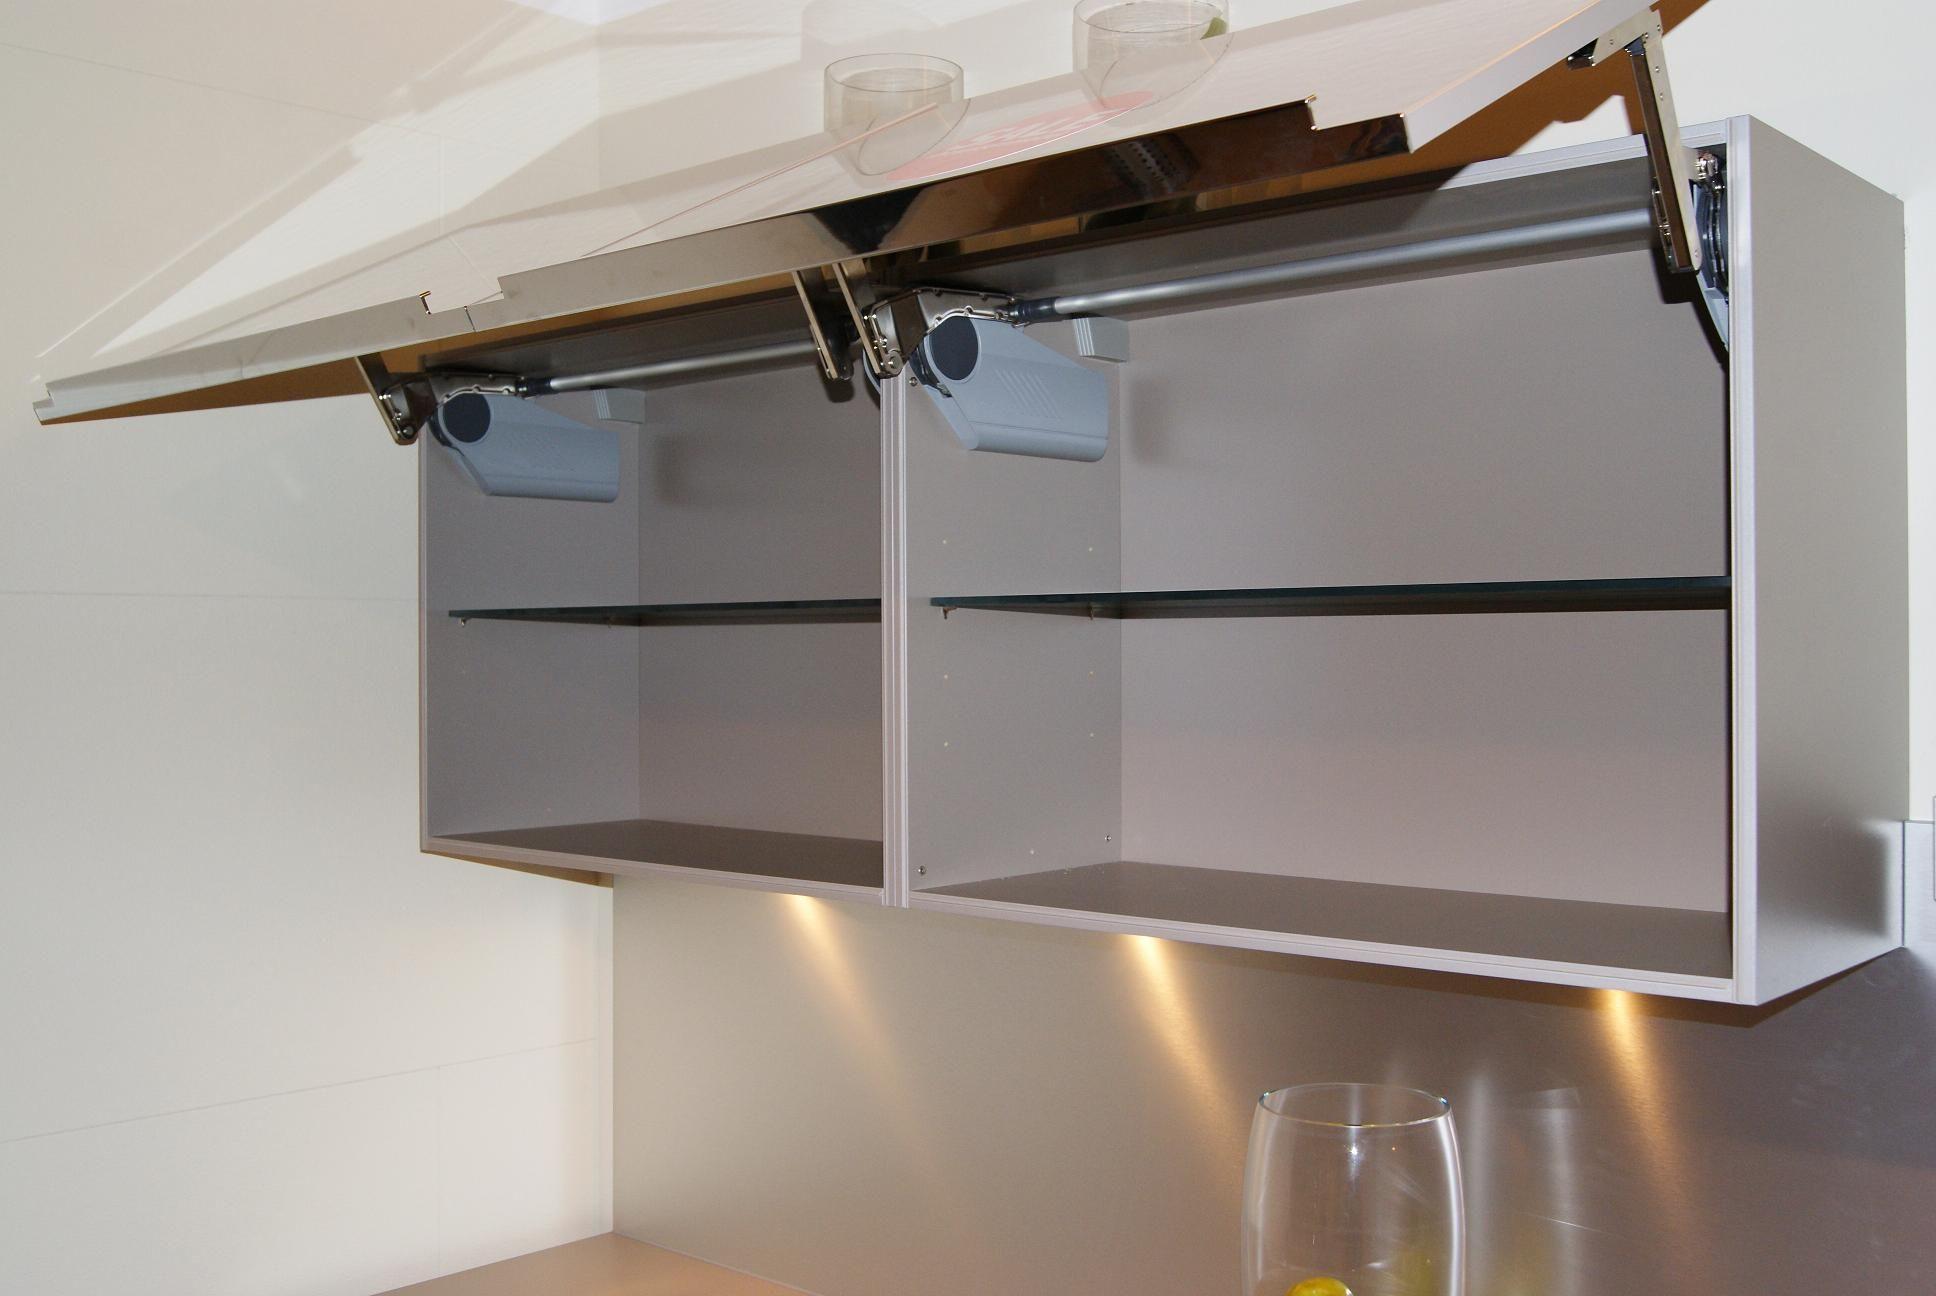 De voordeligste woonwinkel van nederland luxe designkeuken met - Afbeelding van keuken amenagee ...